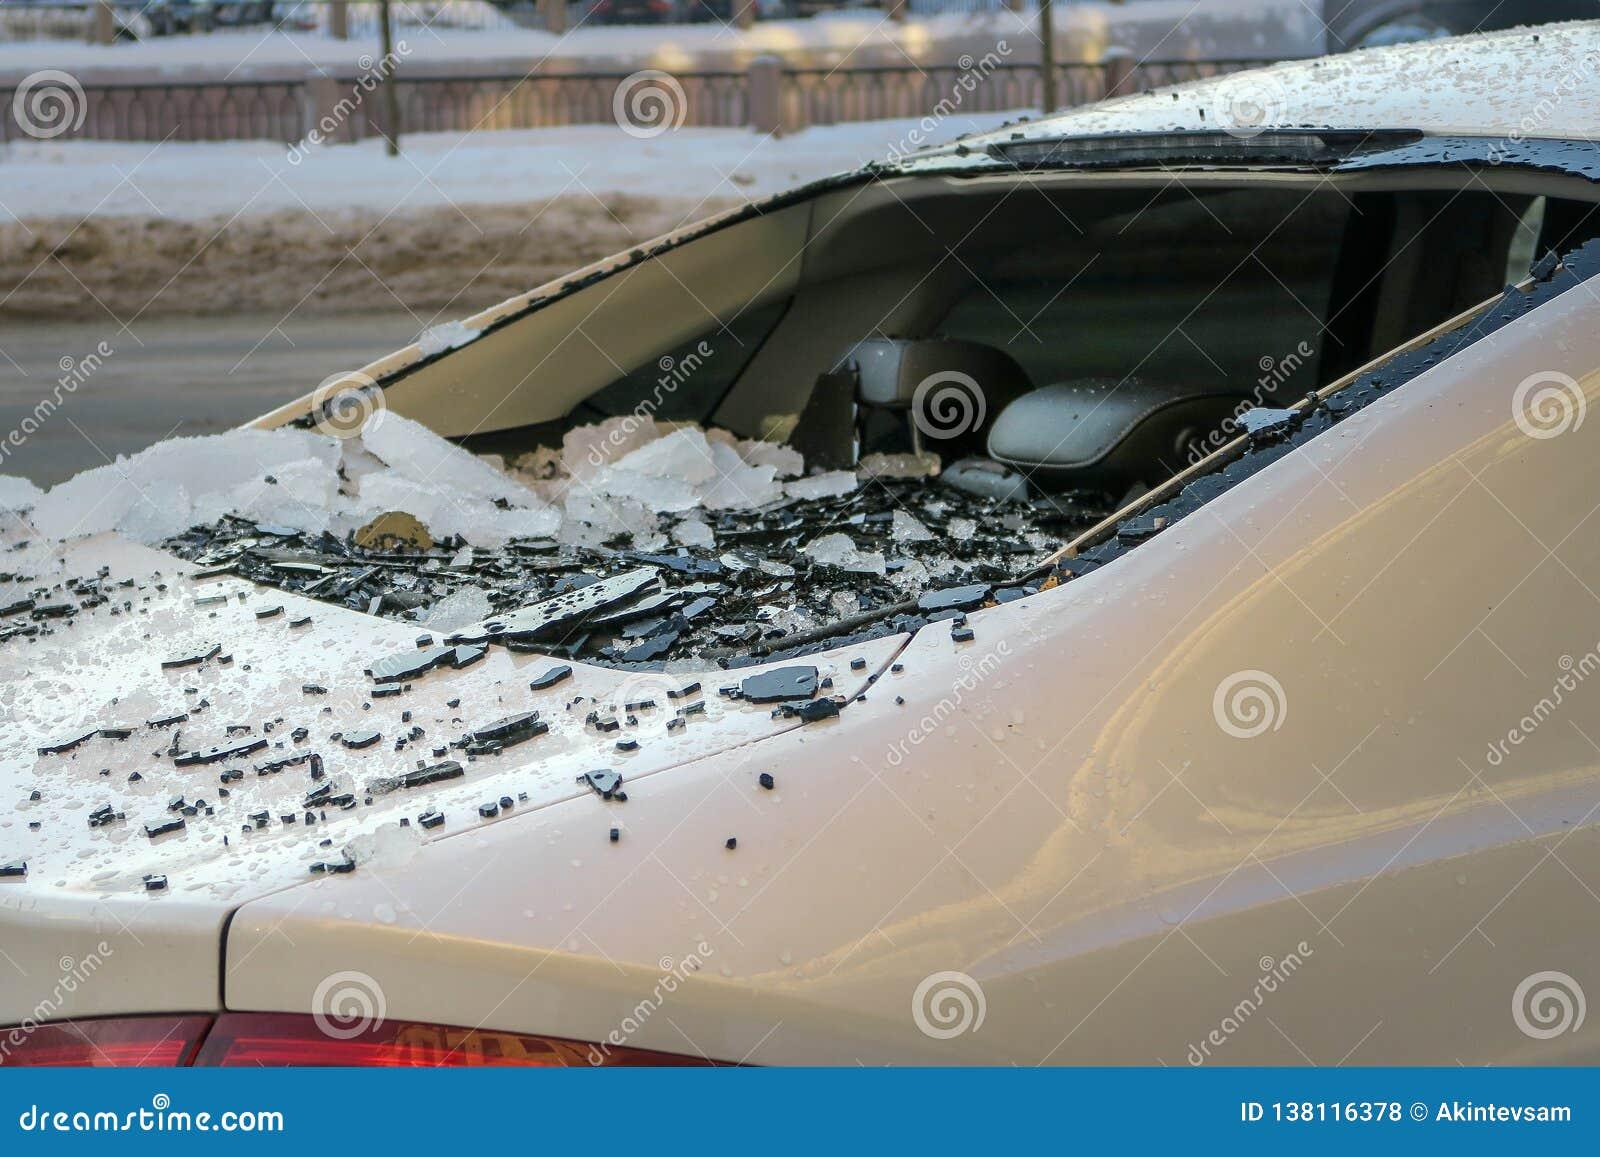 Kradzież samochodu okno rozbite uszkadzający samochód od spada lodu